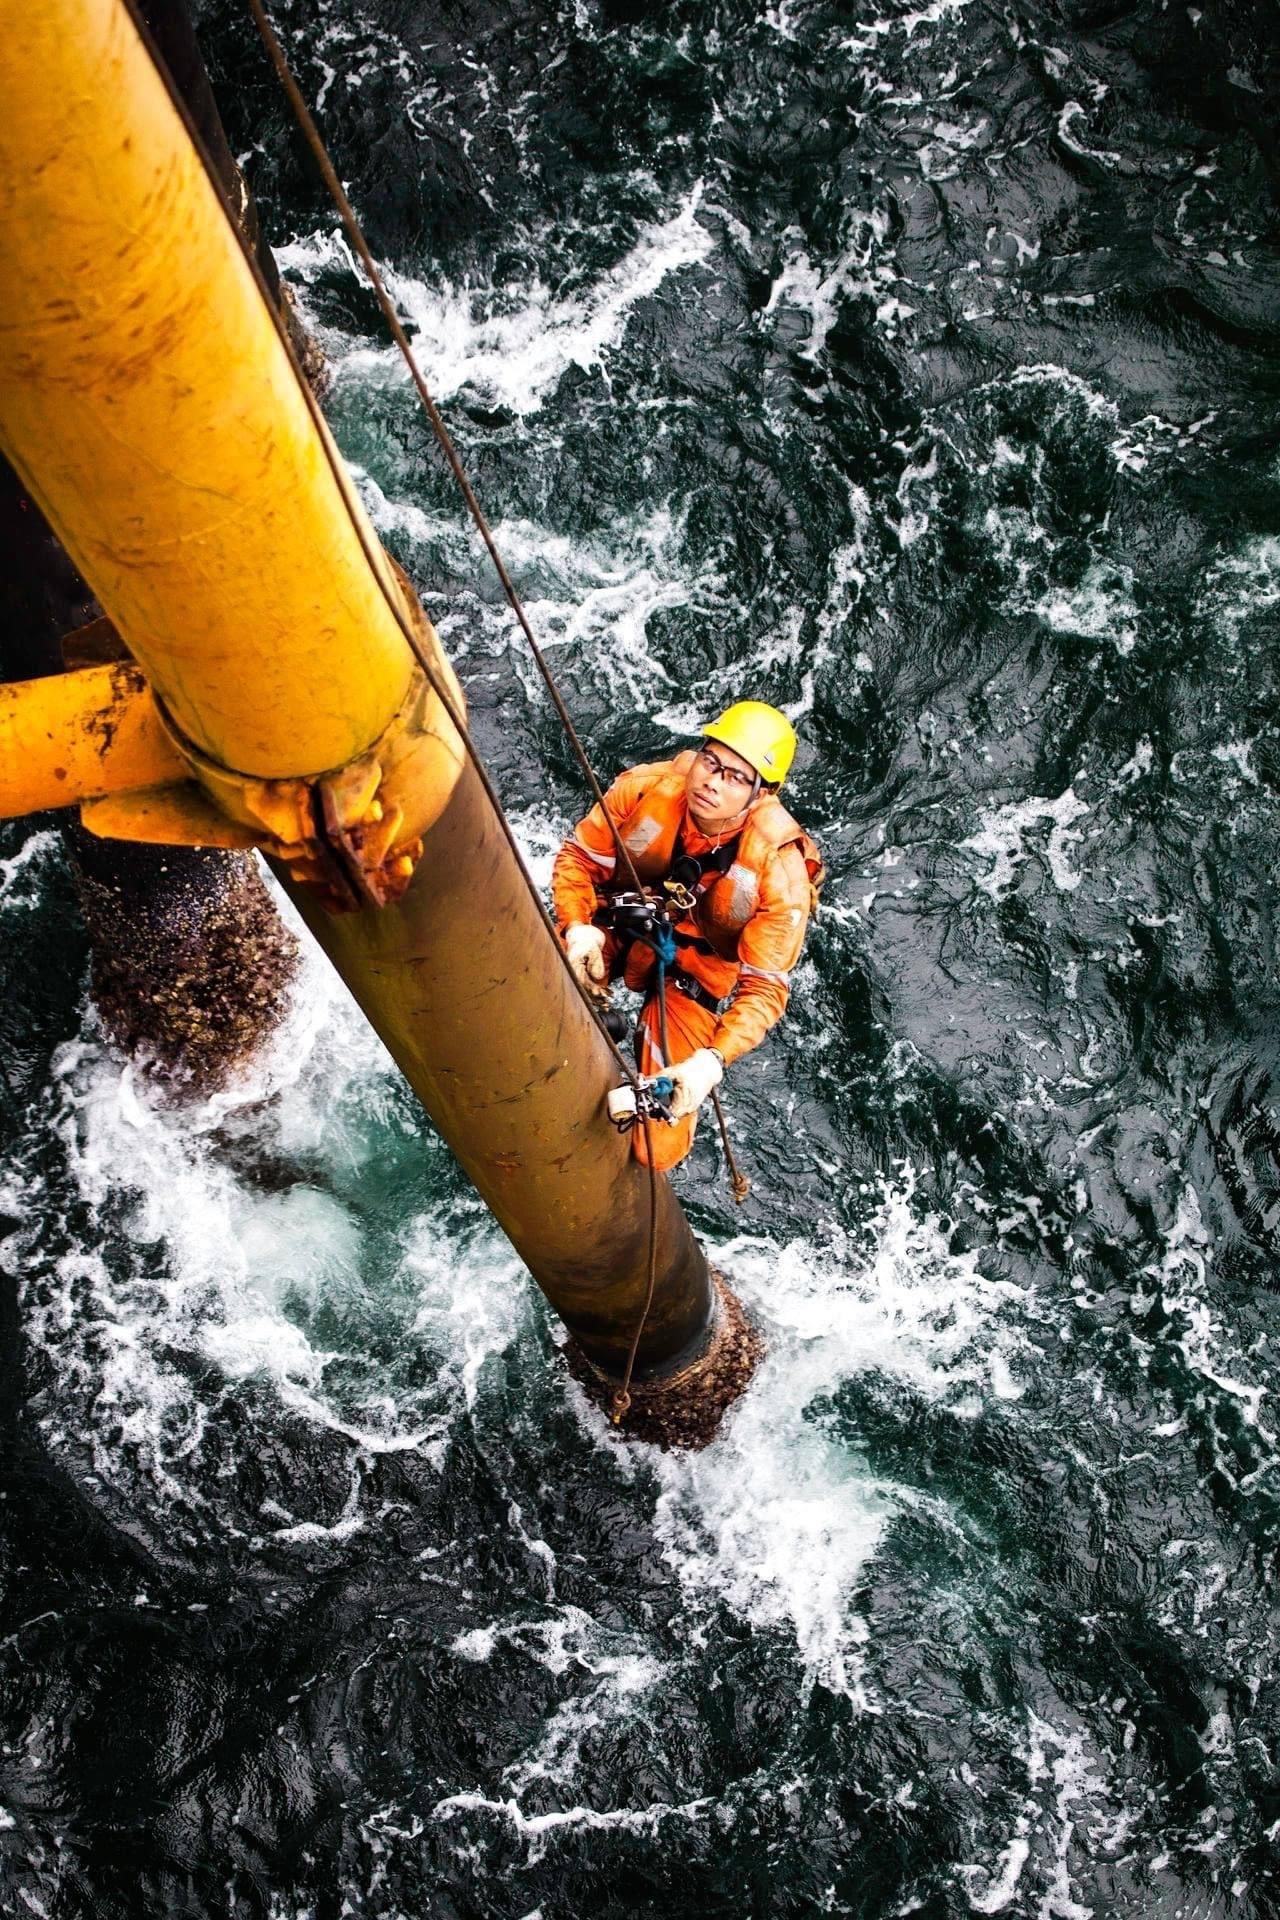 Dự báo giá dầu: Giá dầu bị giằng co bởi dịch bệnh và bão Ida